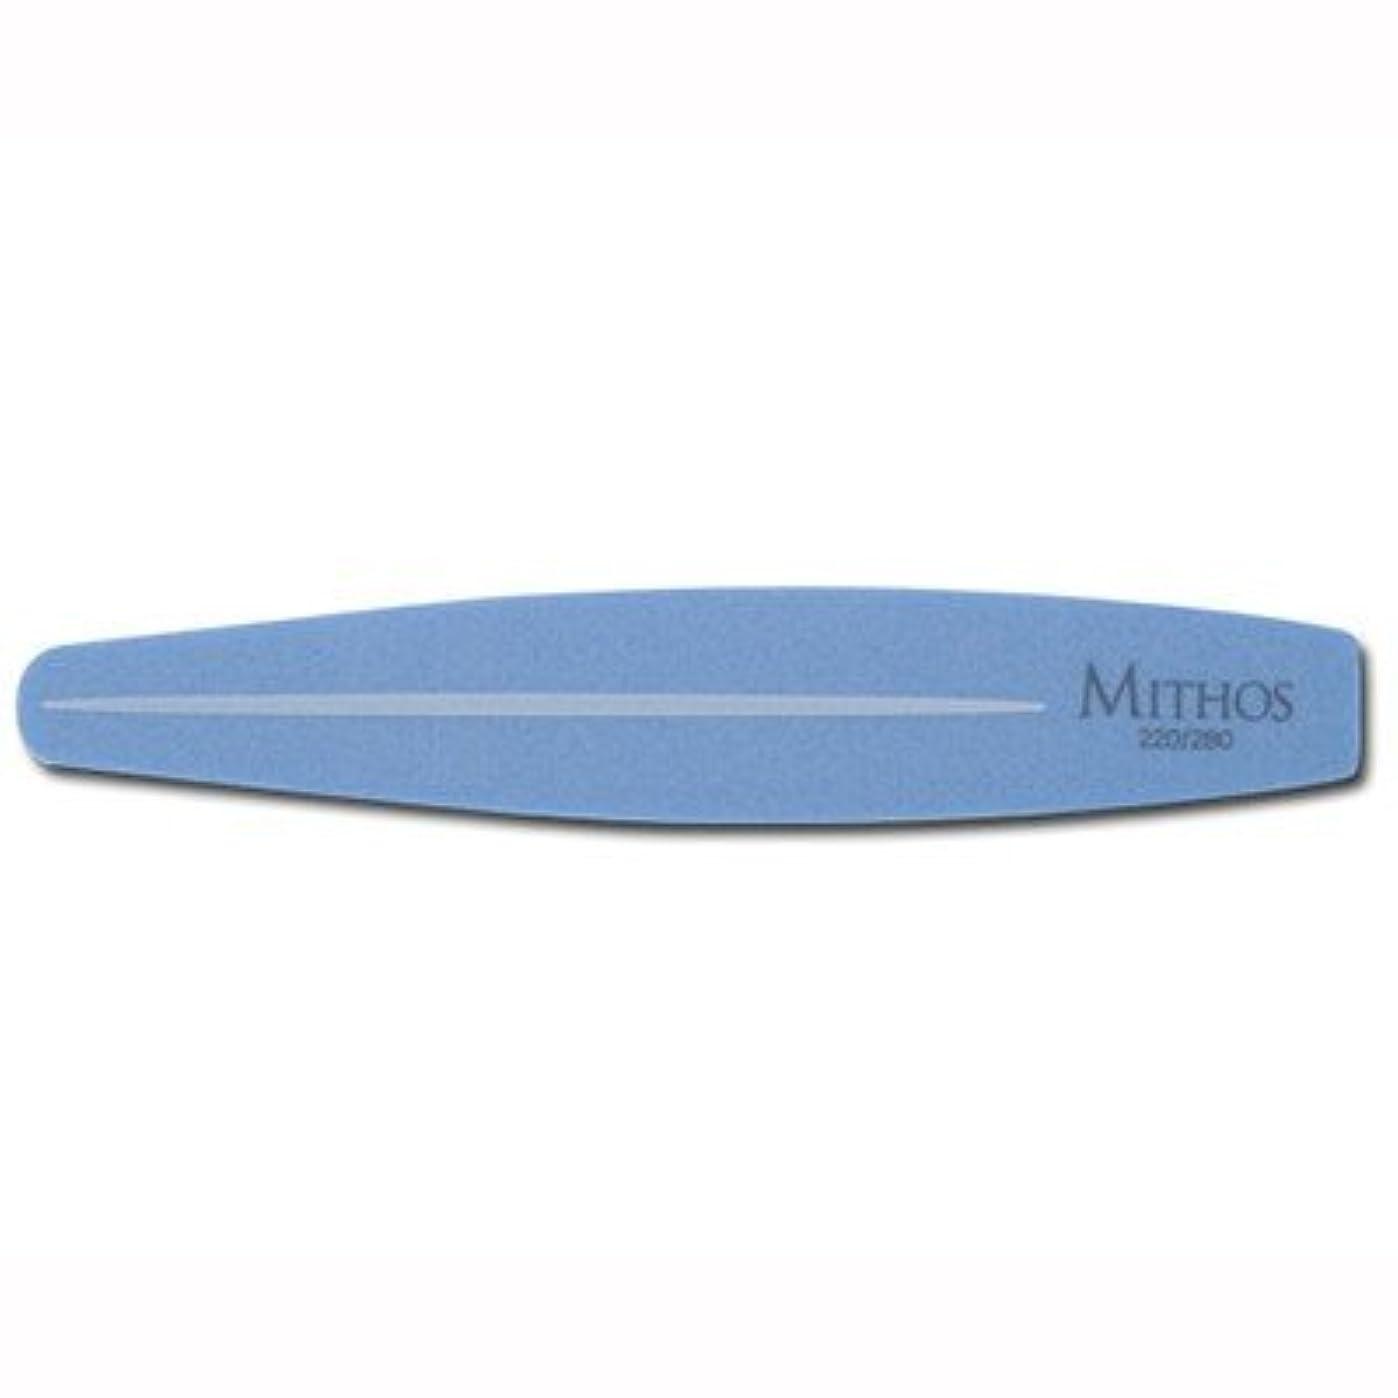 細菌ホイスト測定可能ミトス MITHOS スポンジファイル 220/280